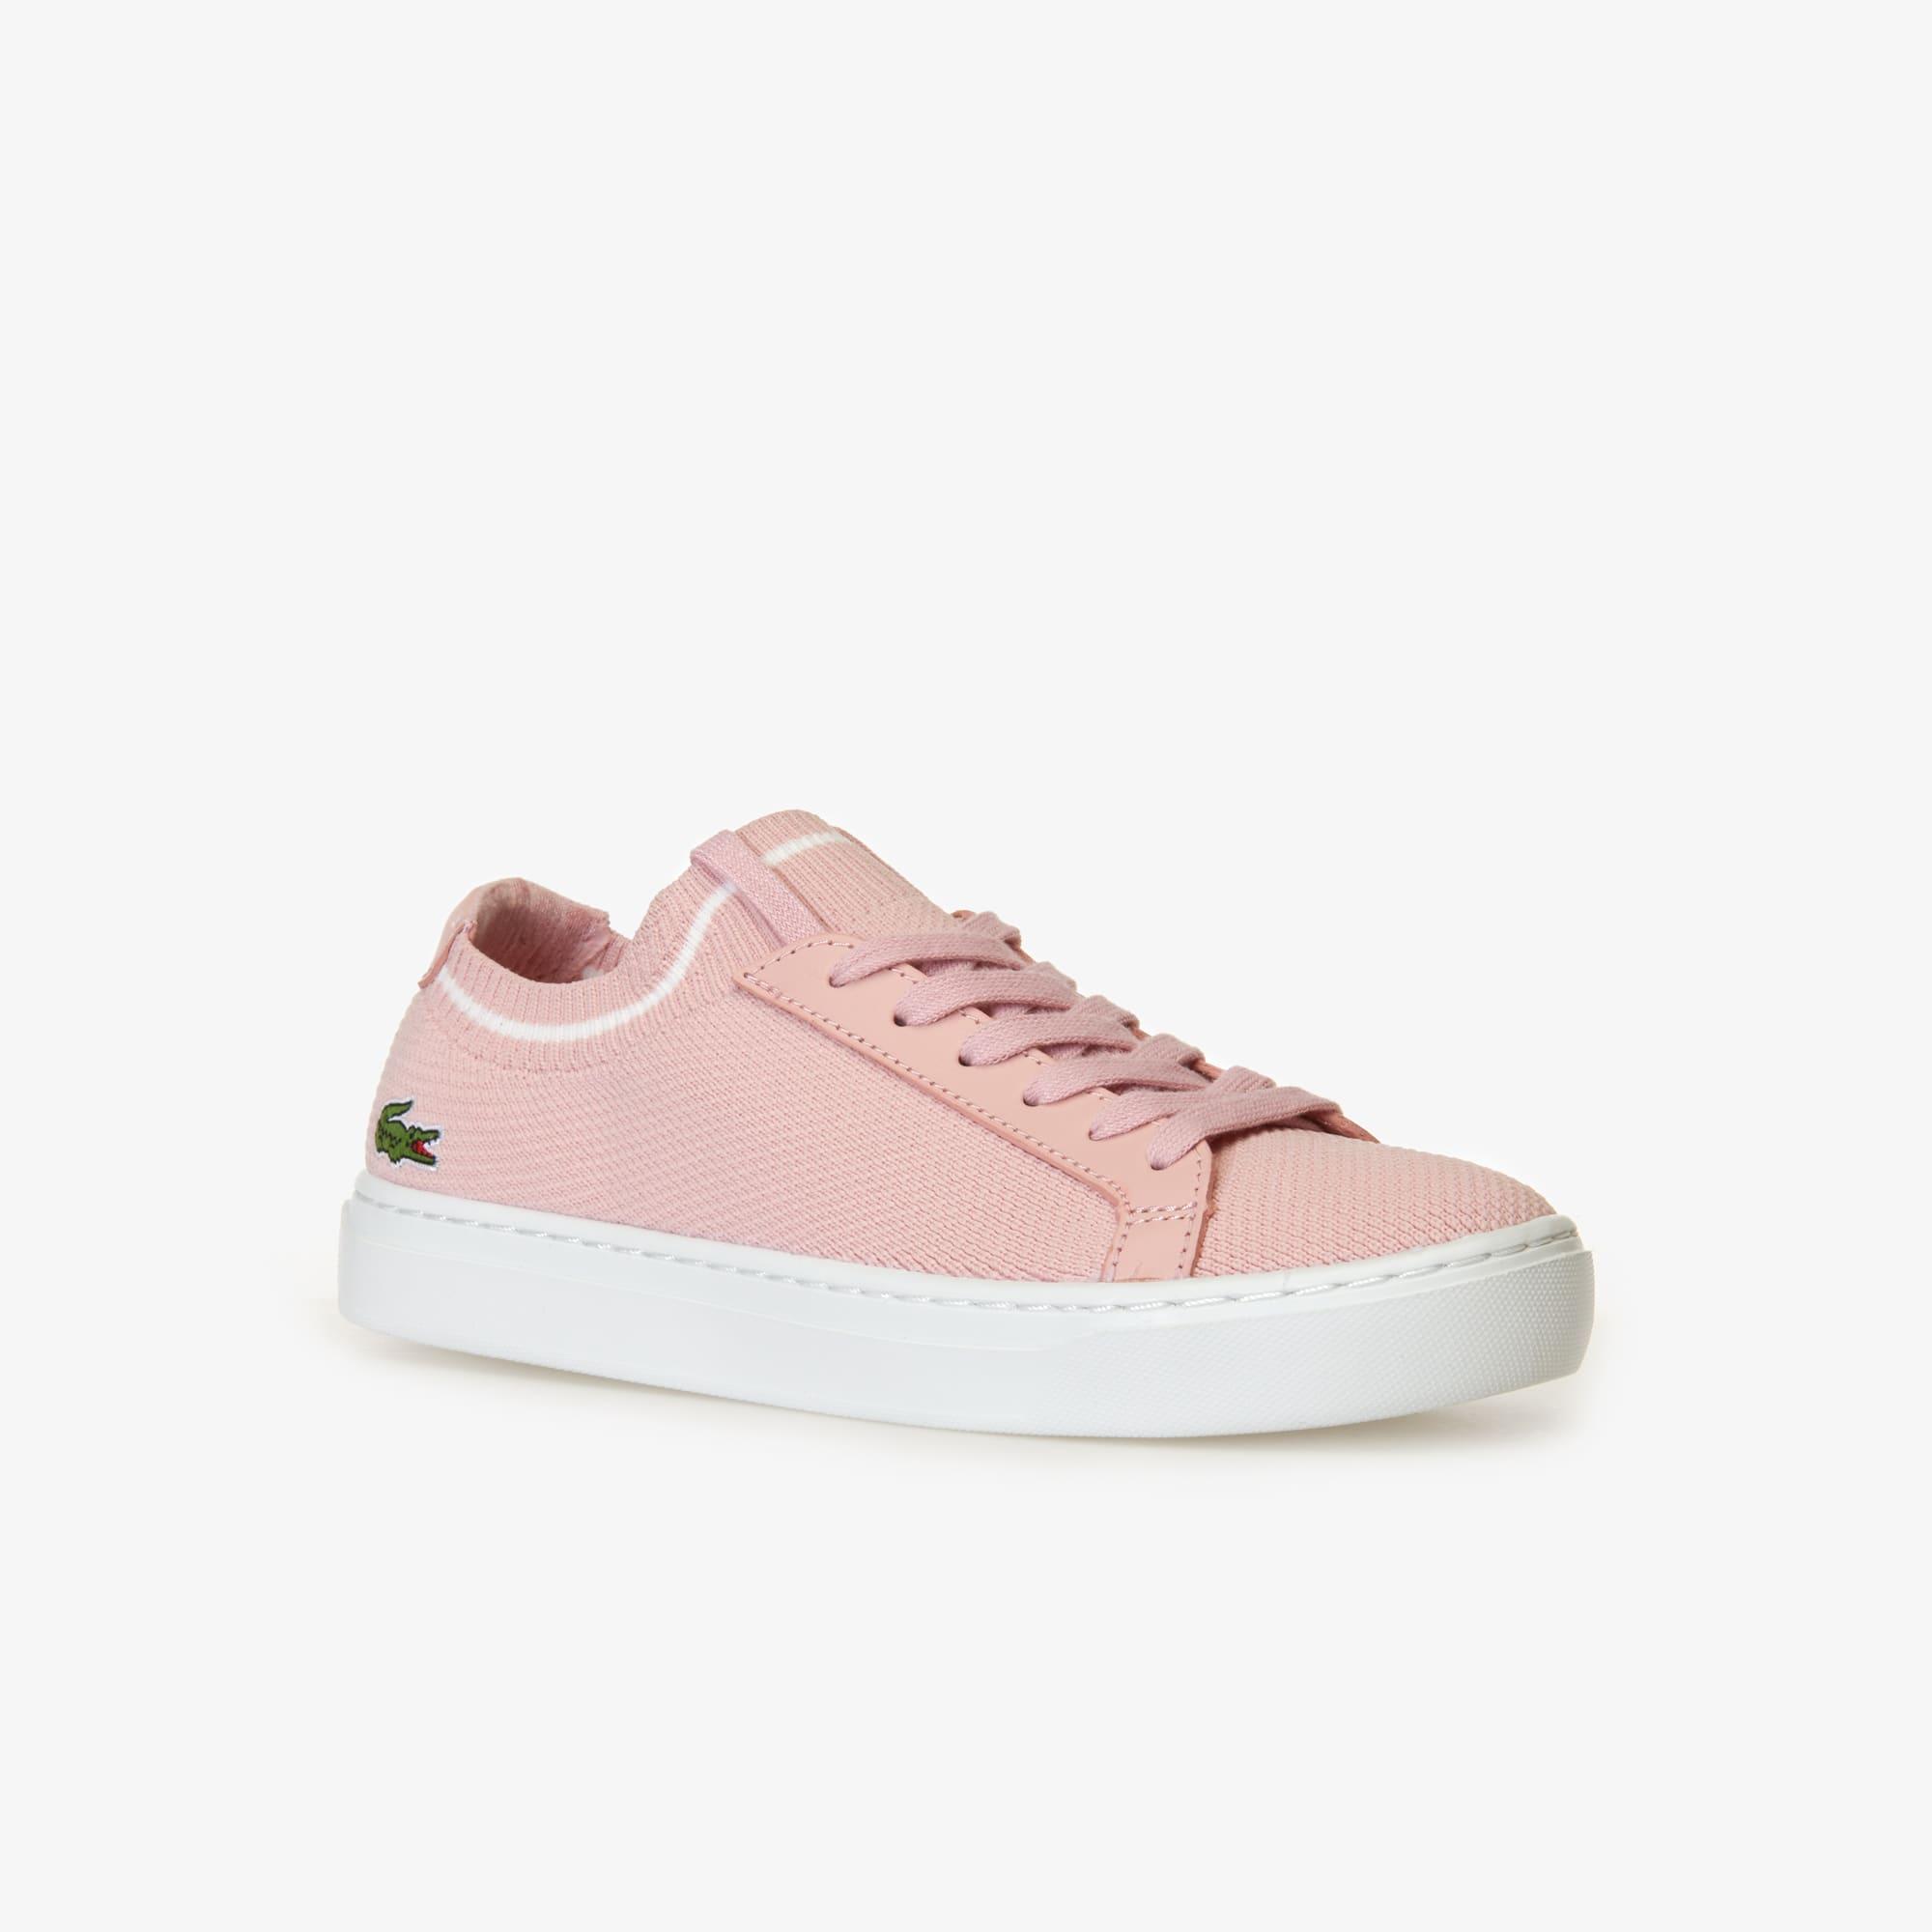 라코스테 우먼 라 피케 스니커즈 - 라이트 핑크/화이트 Lacoste Womens La Piquee Textile Trainers,light pink/white